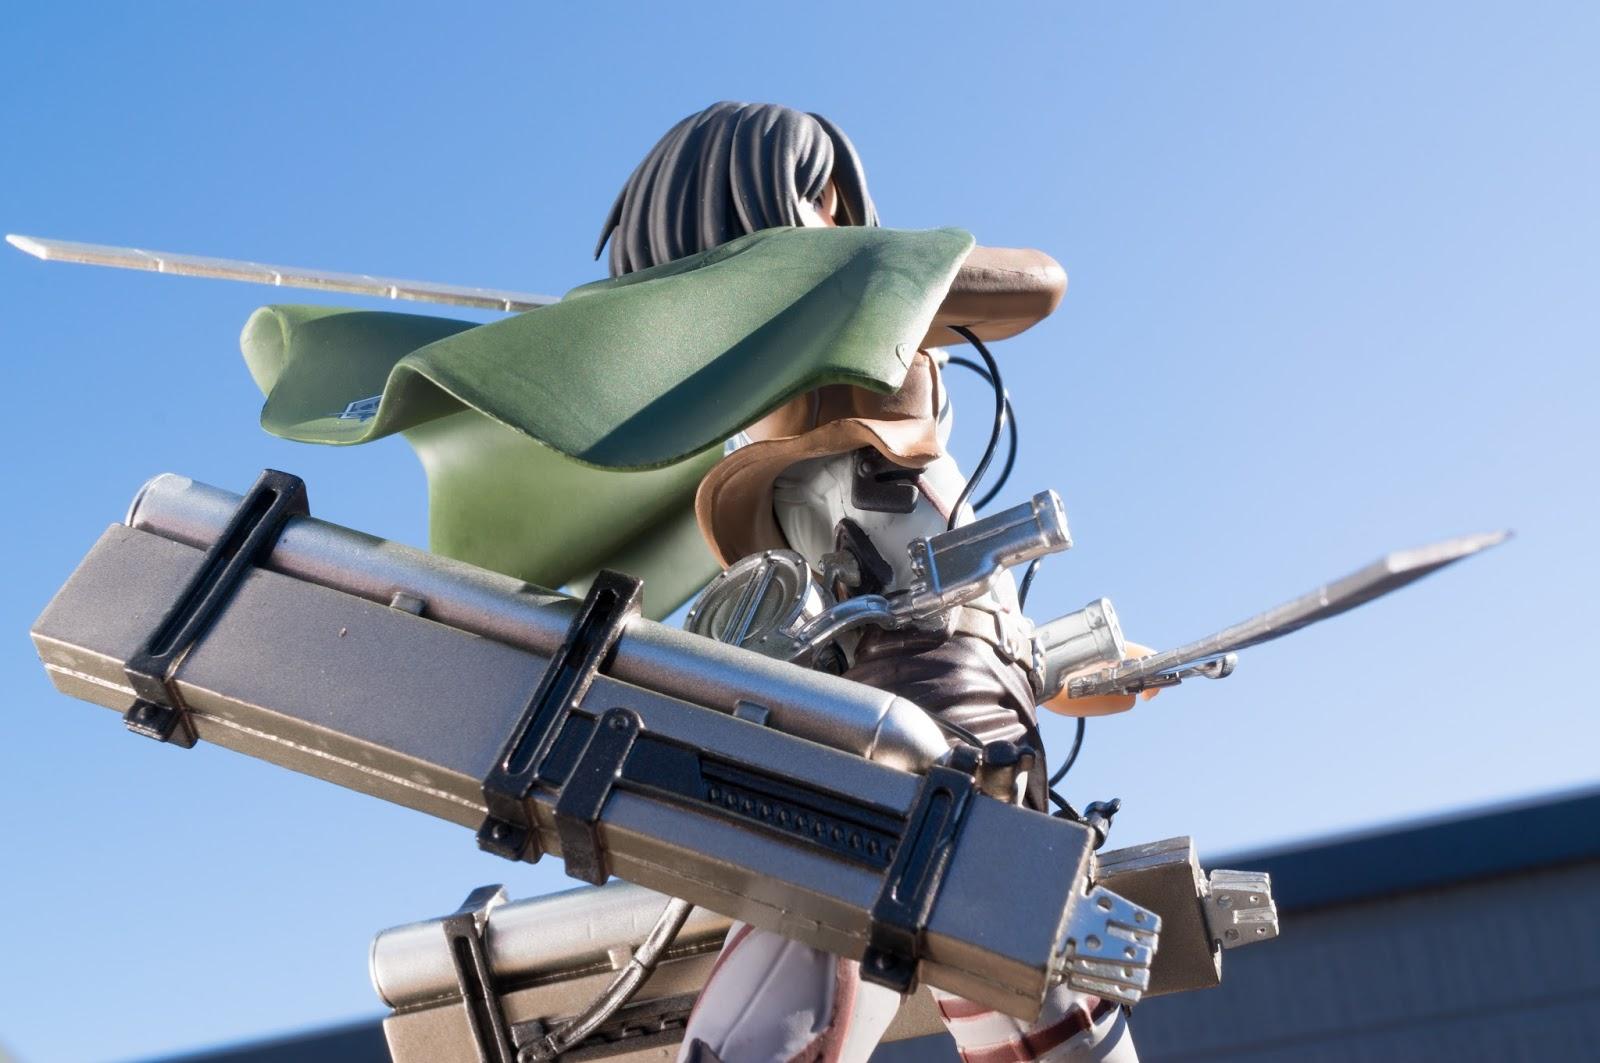 【プライズレビュー】進撃の巨人 プレミアムフィギュア調査兵団ミカサ・アッカーマン【セガプライズ】